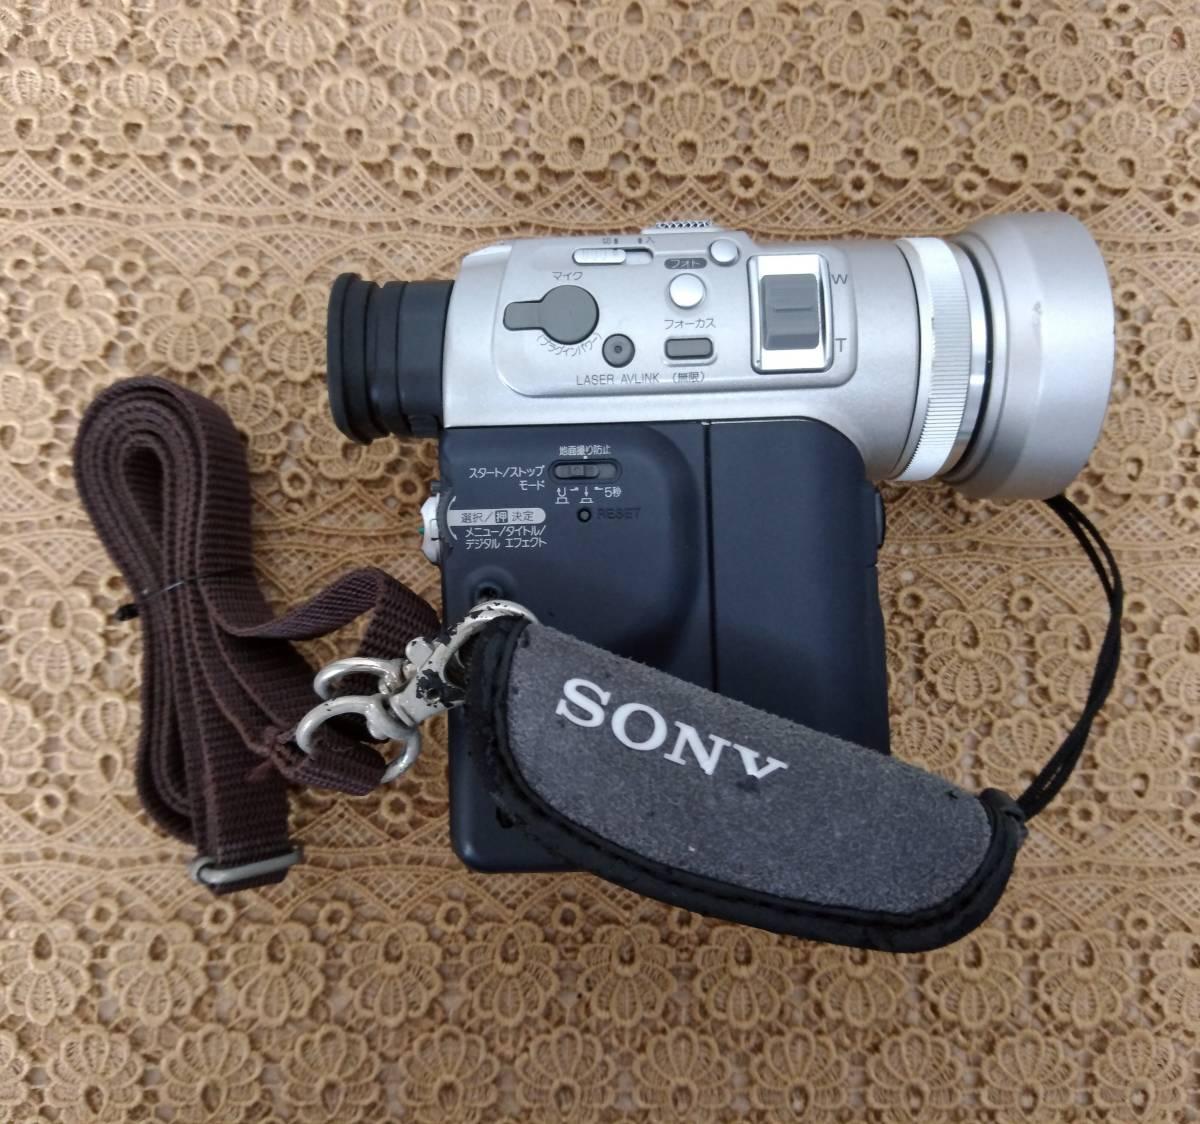 SONY ソニー DCR-PC100 デジタルビデオカメラ バッグ・MiniDV・メモリースティック付き 付属品多数_画像2